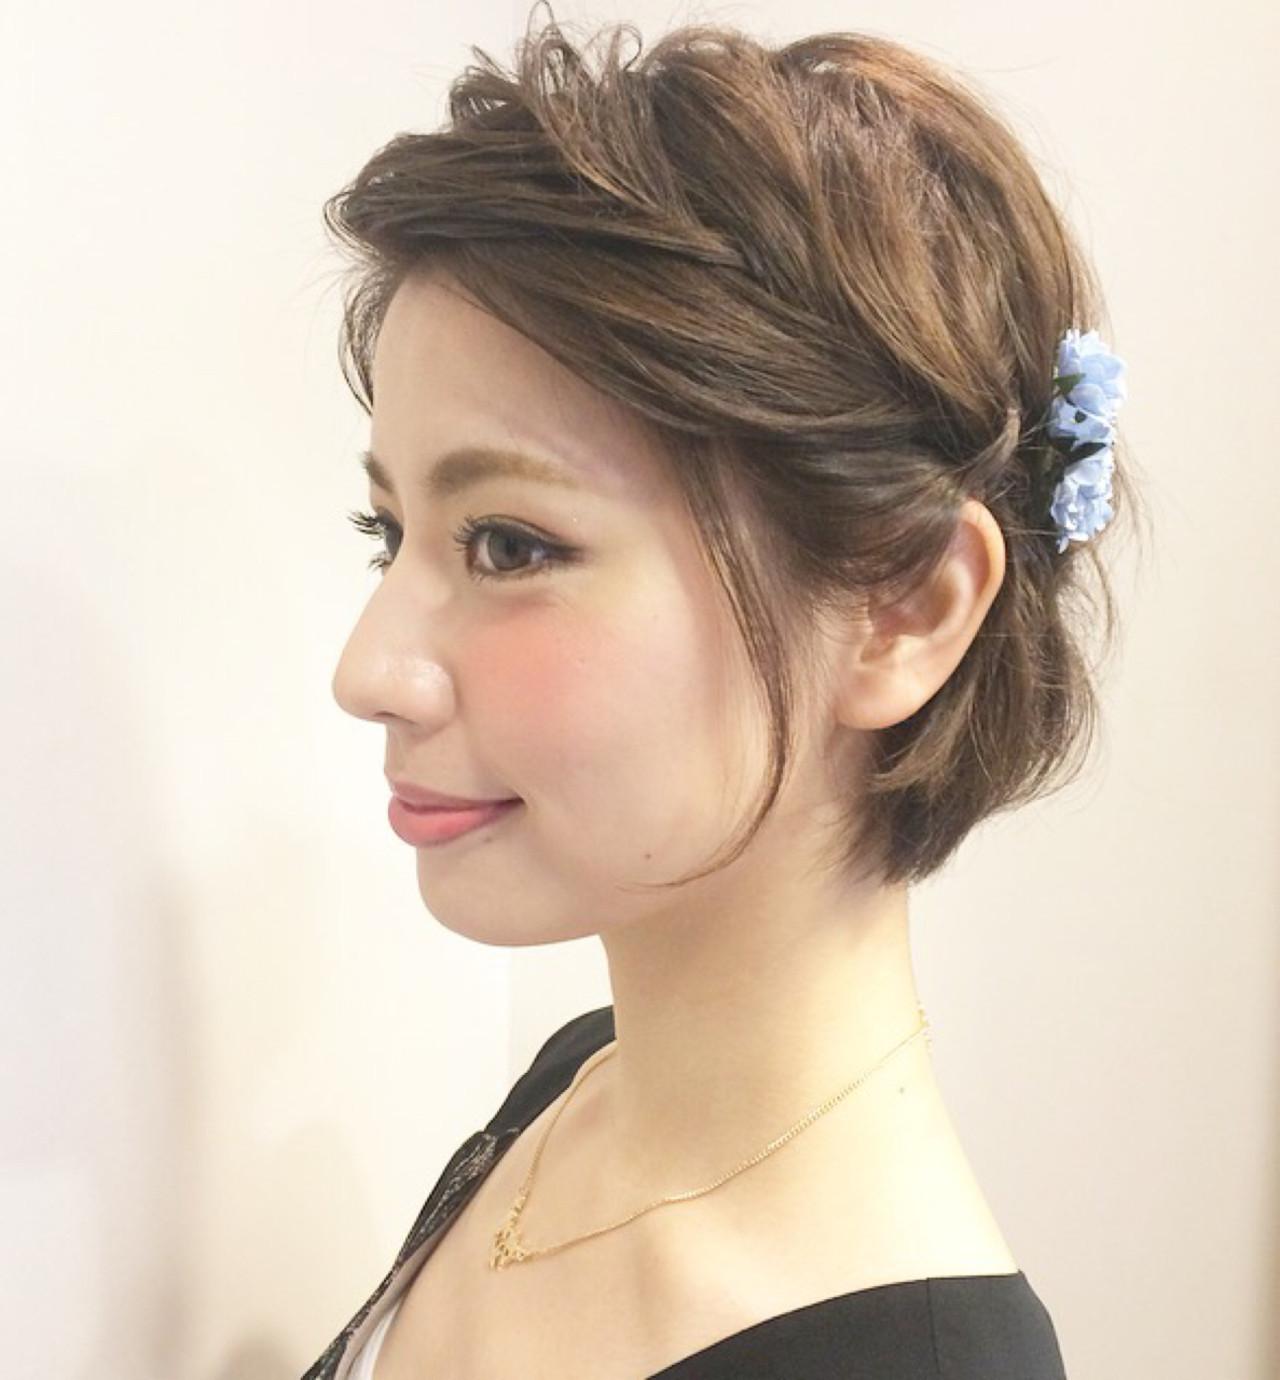 セルフで簡単!結婚式にしていきたい髪型アレンジを徹底解説 Kasumi Nishimoto | hair salon Cher